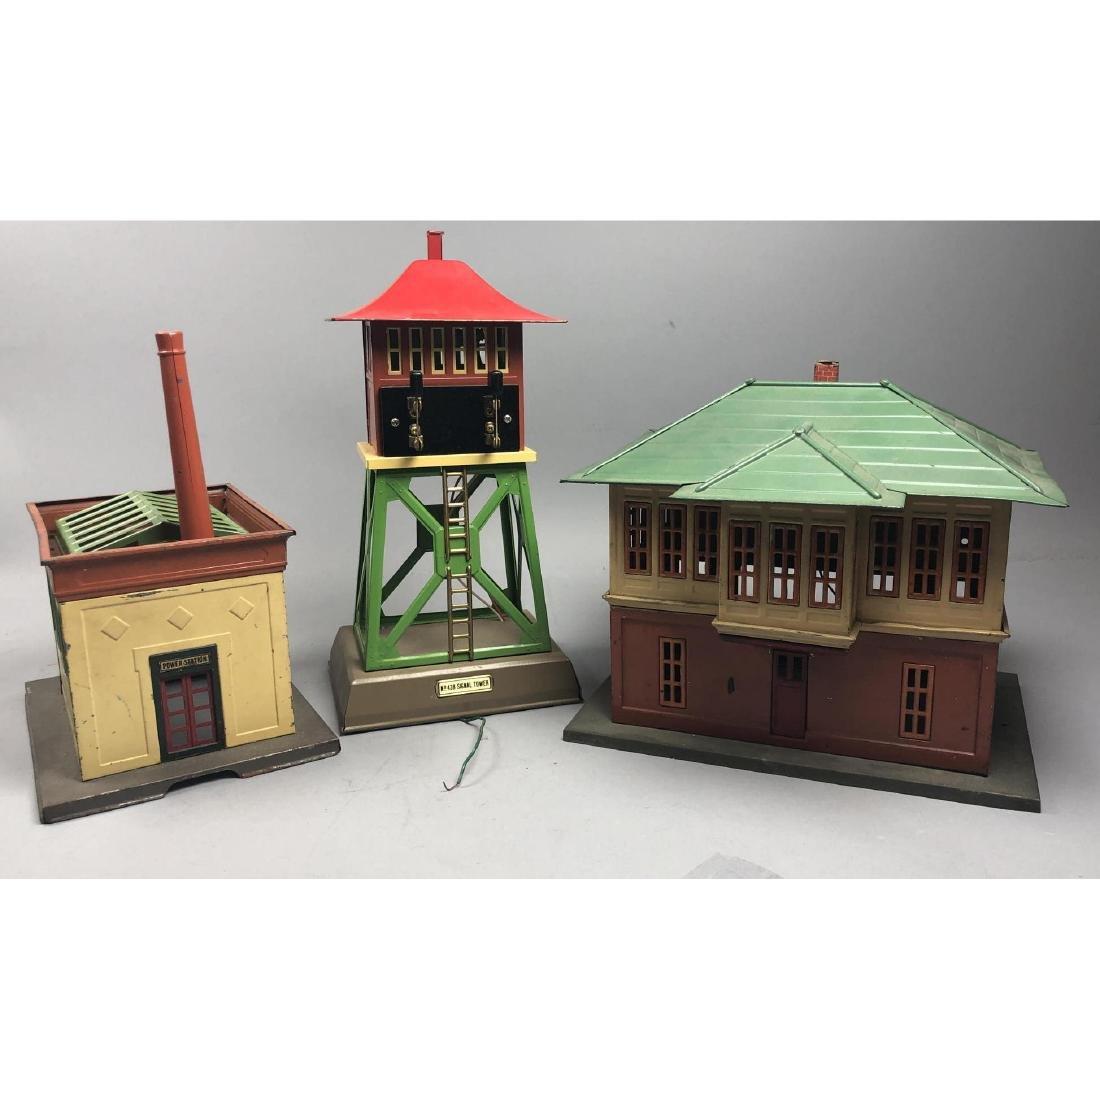 3pc LIONEL Model Train Buildings. 1 power station